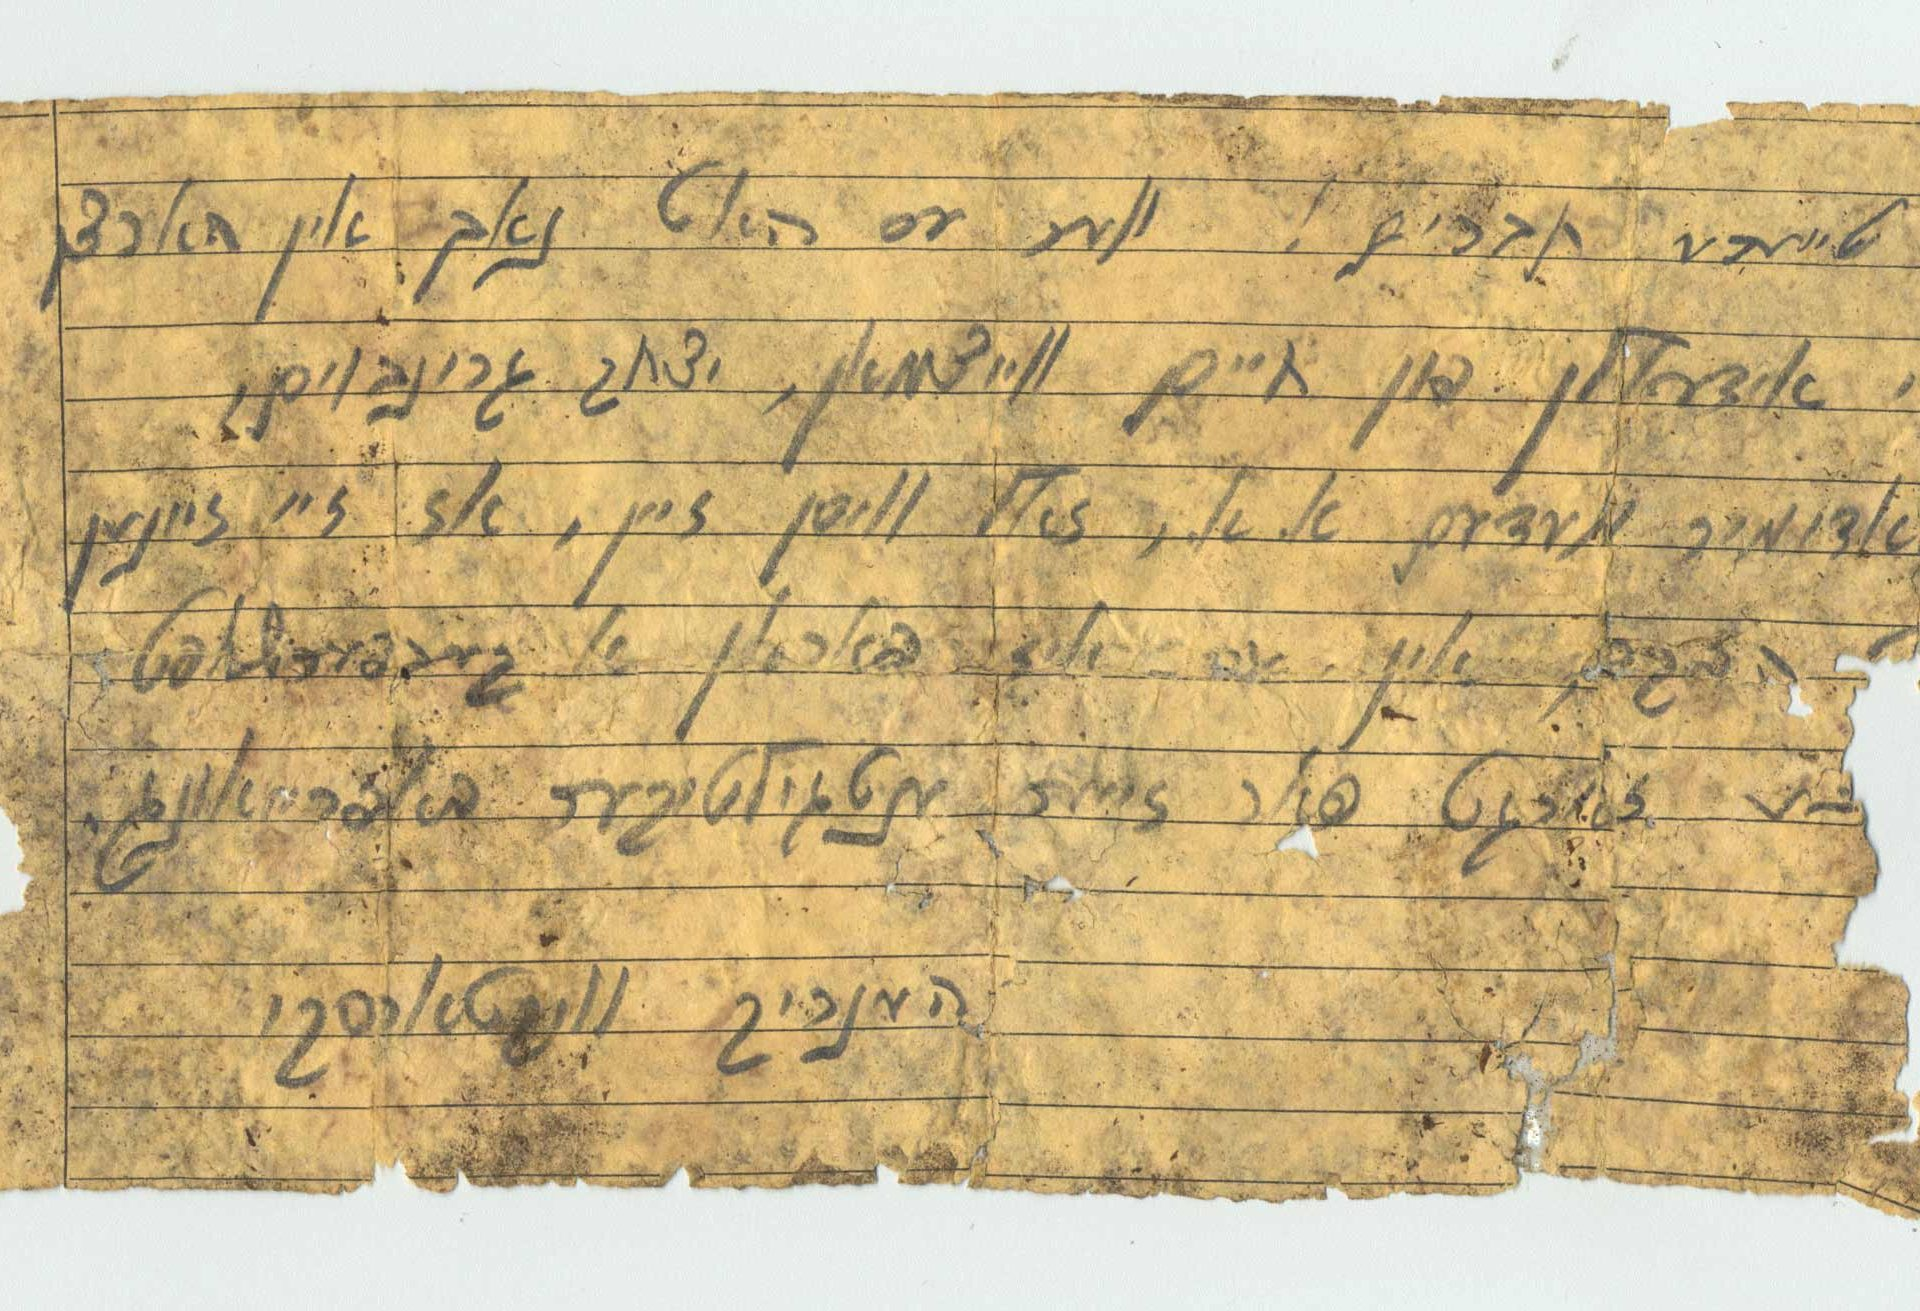 Cettre lettre clandestine témoigne des échanges entre Charles Kotkowsky et un groupe de résistants du ghetto de Varsovie. © Musée de l'Holocauste Montréal